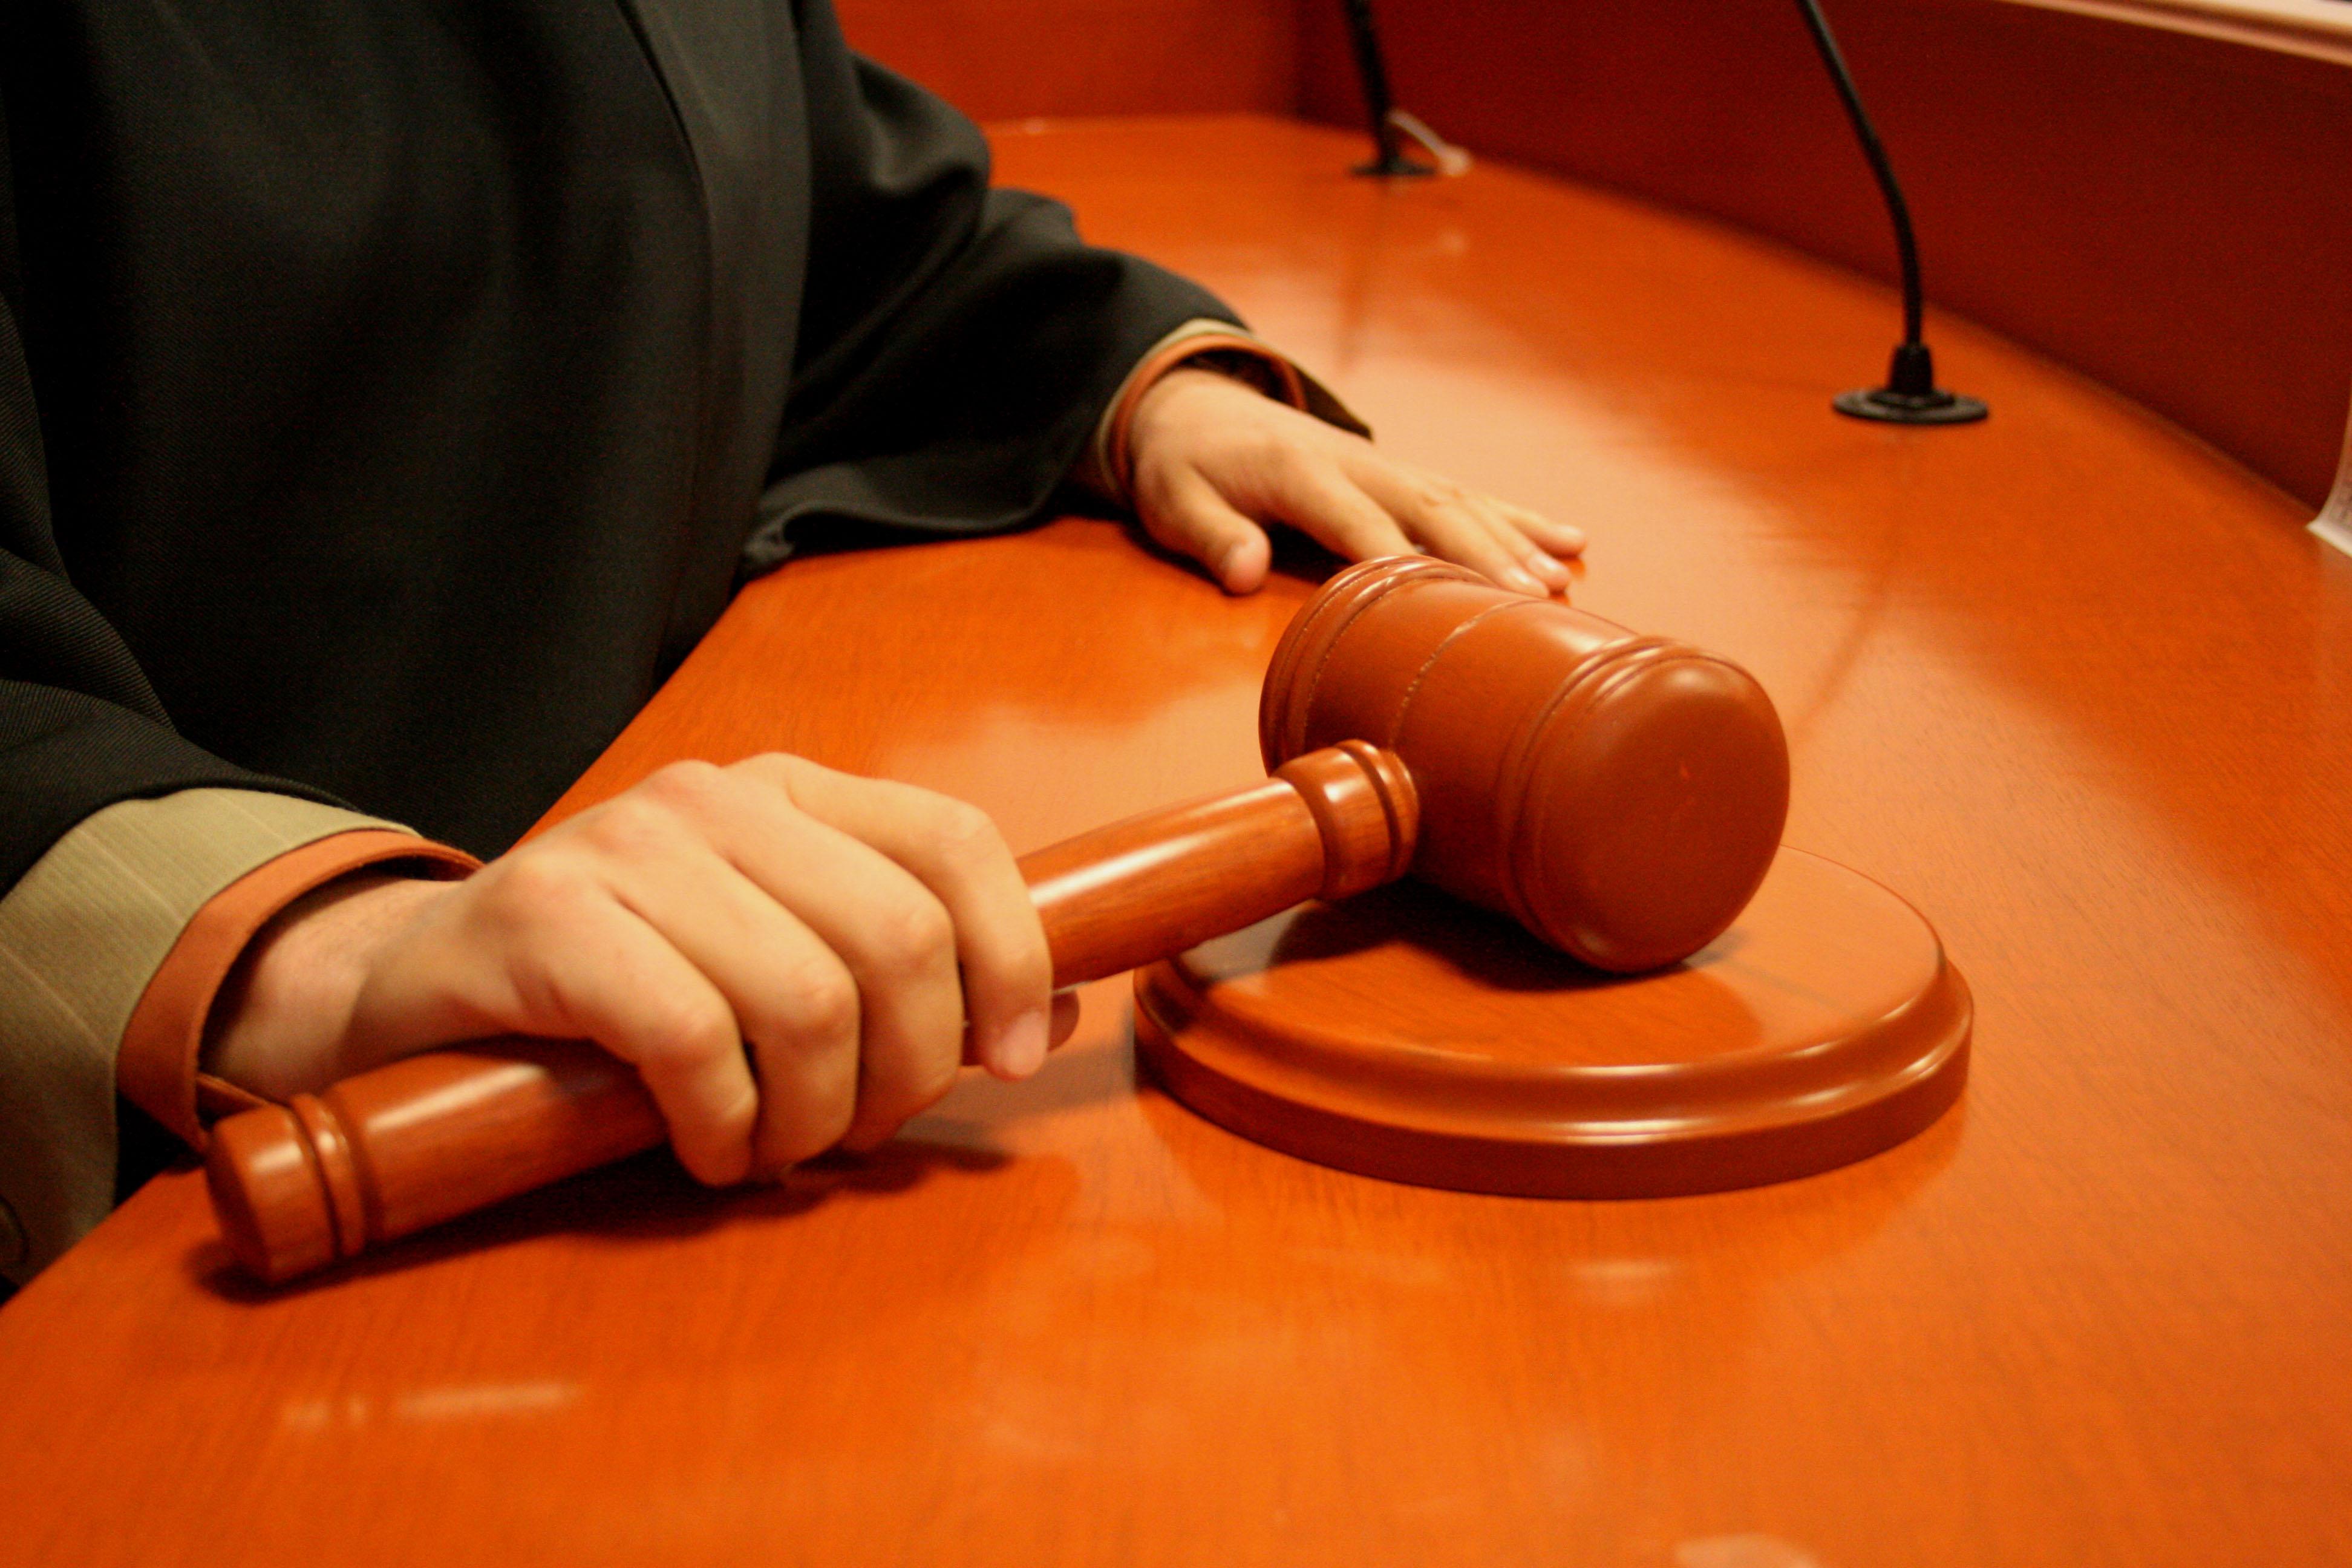 Alcalde: Nuevo sistema penal ocasiona impunidad y desconfianza